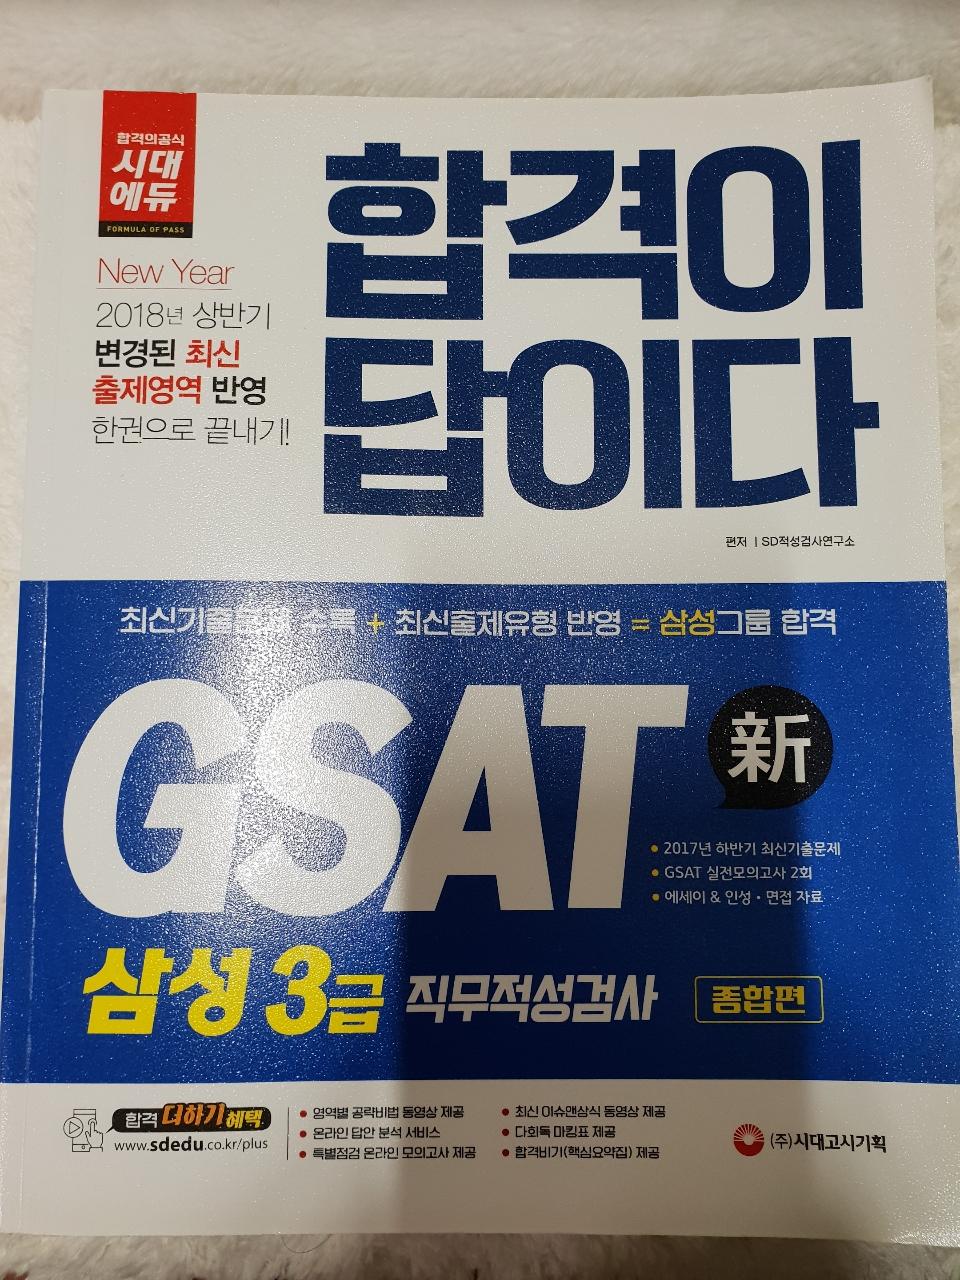 2018 합격이 답이다 GSAT 삼성3급 직무적성검사 계열공통 종합편